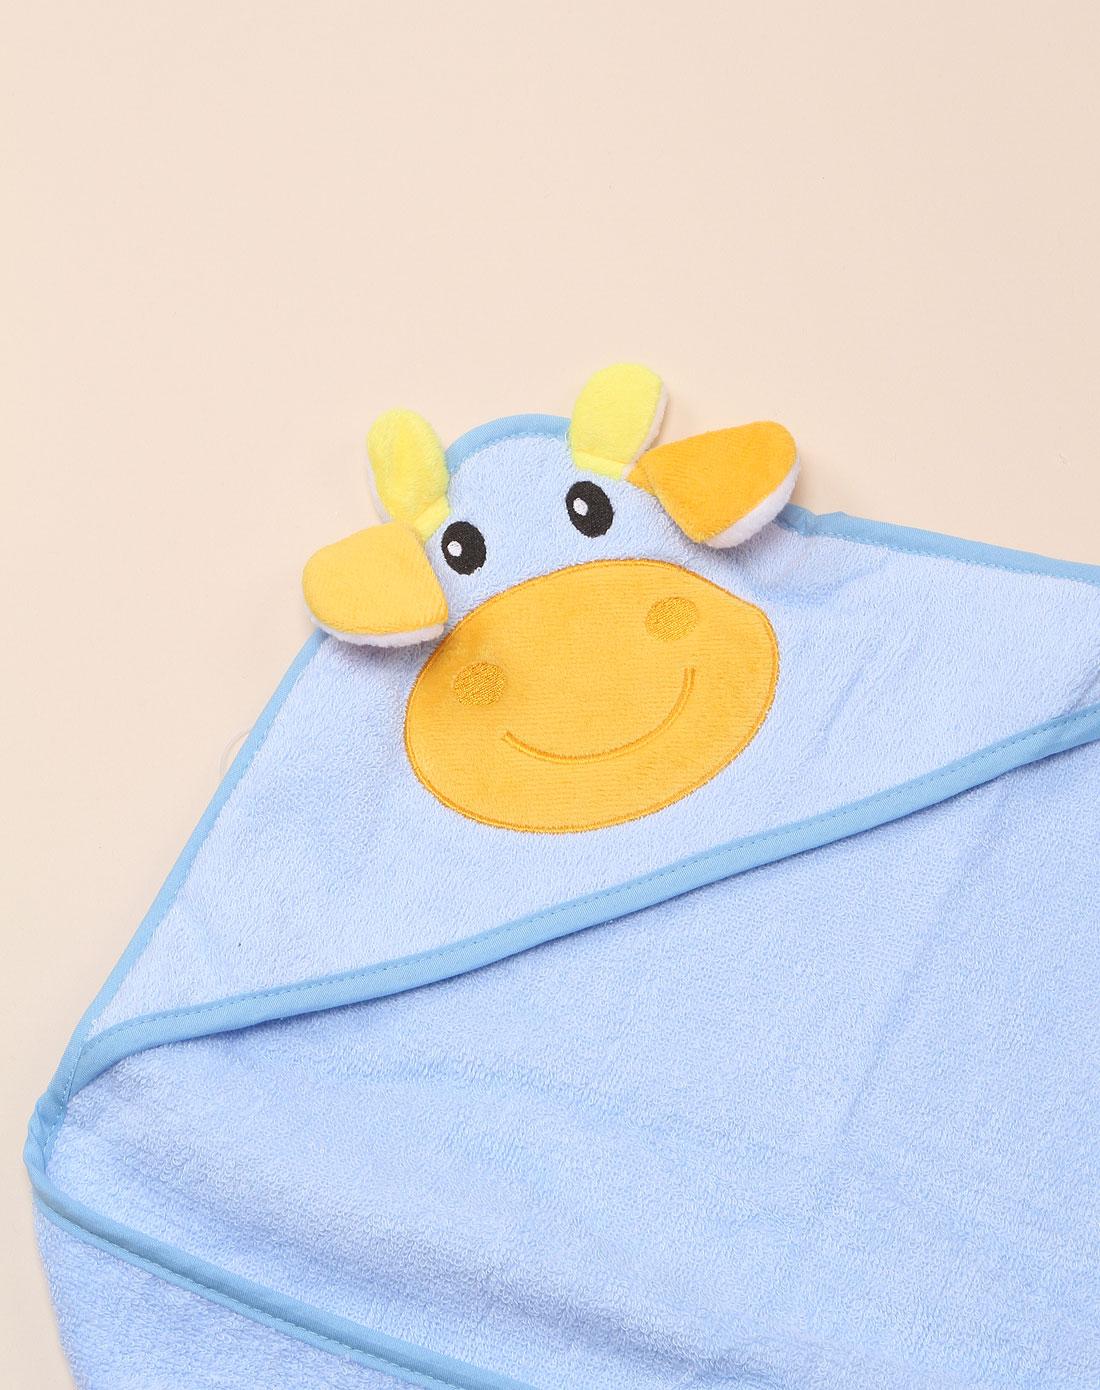 中性蓝色可爱小牛浴巾